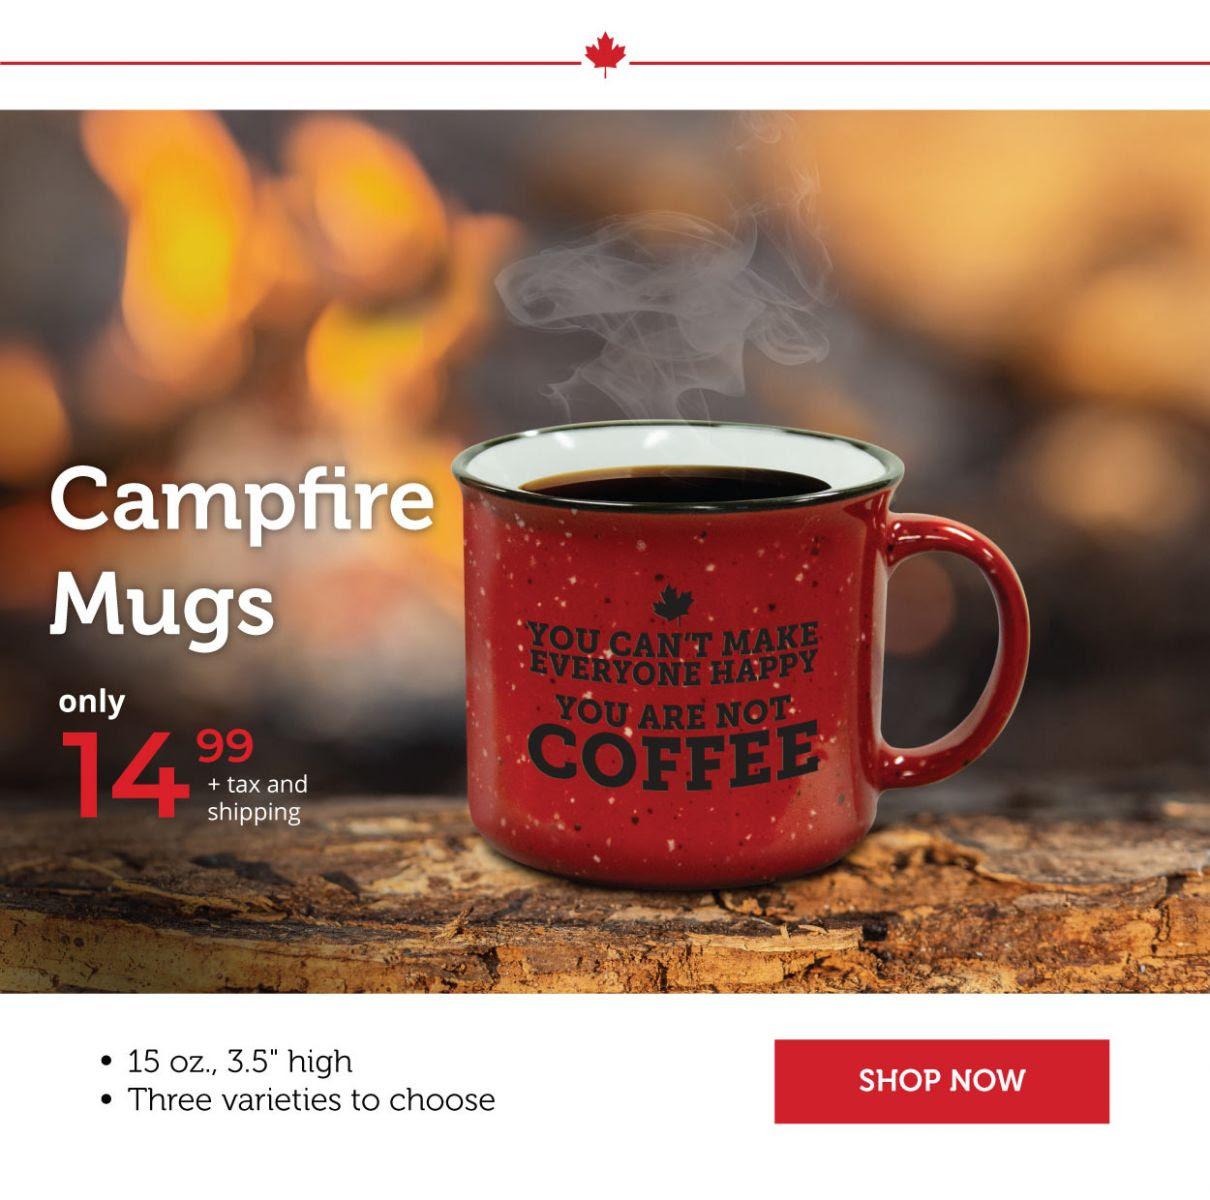 Campfire mugs!